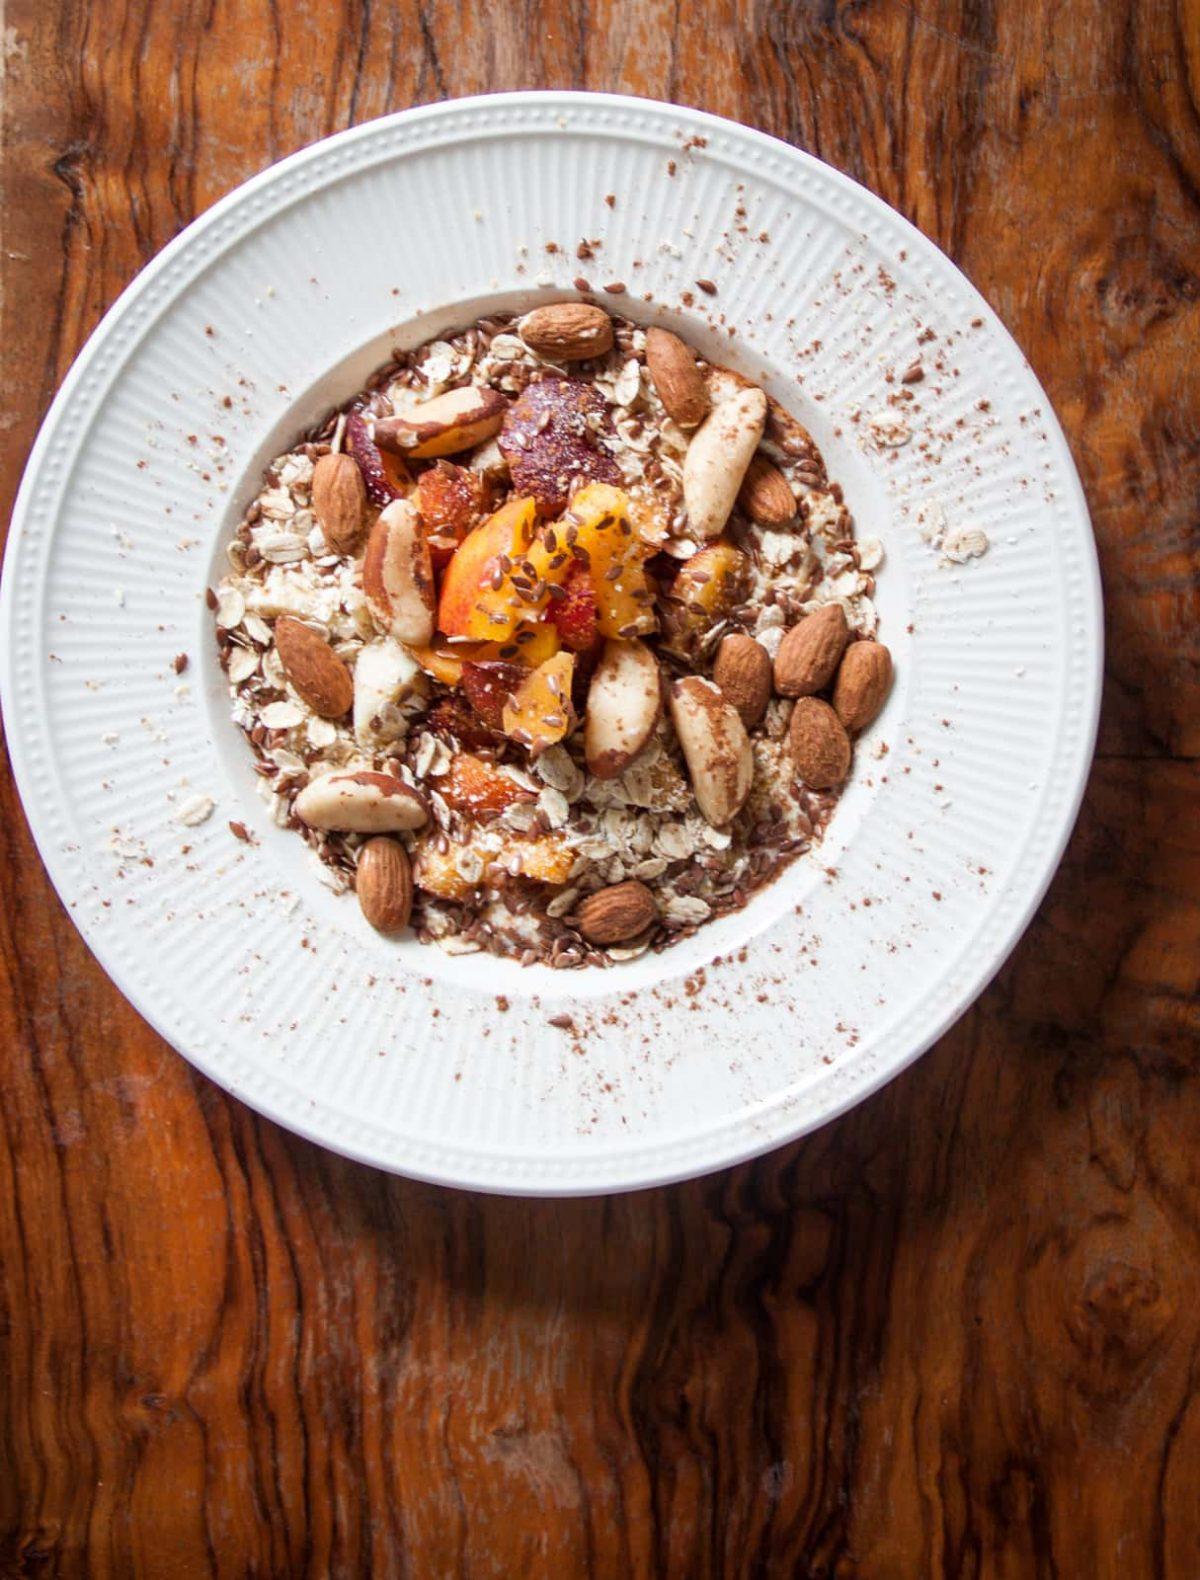 Een bord havermout met yoghurt, fruit, noten op tafel